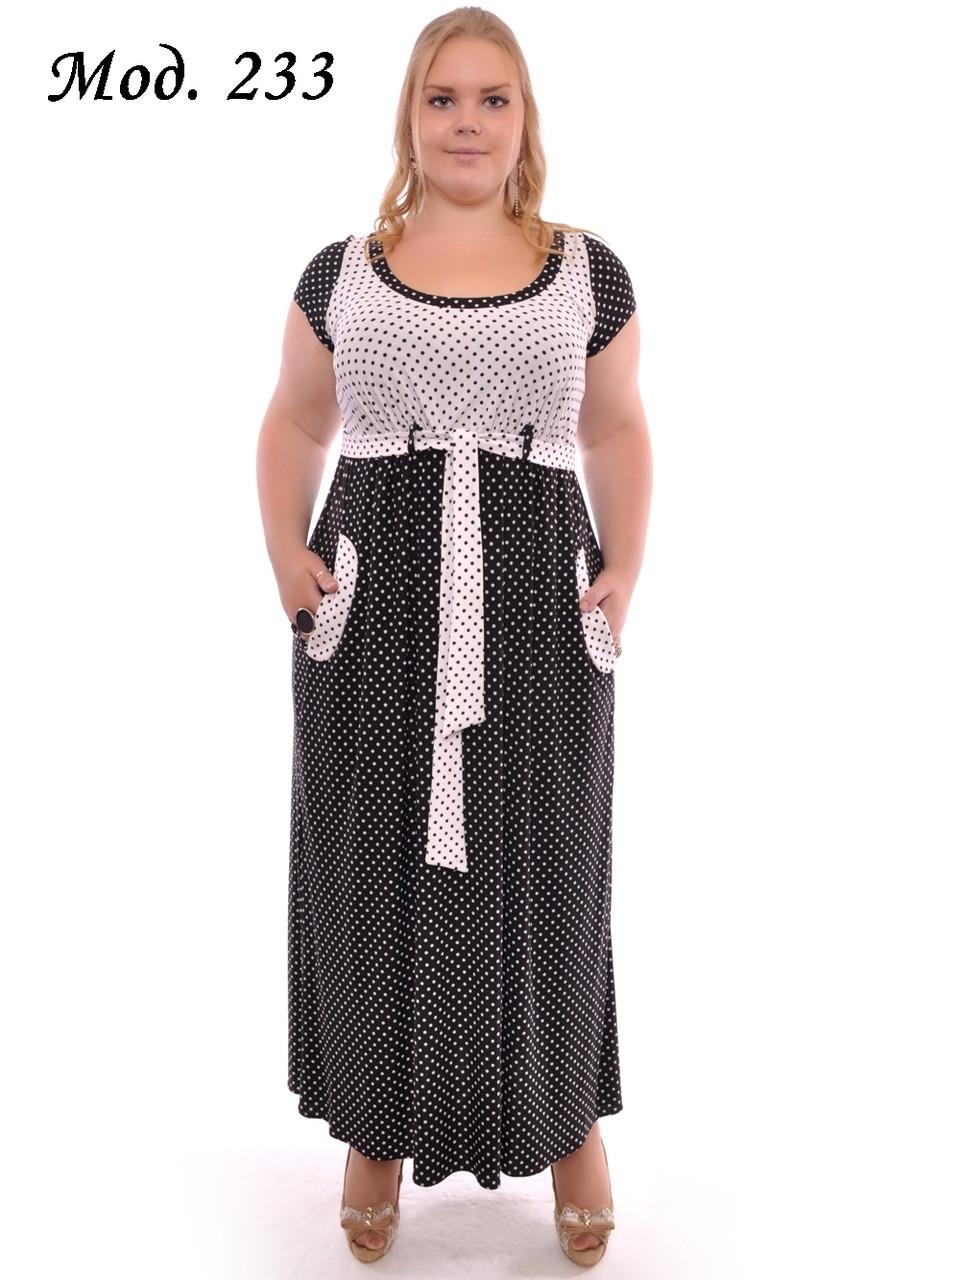 960ab19aec4 Женские платья больших размеров оптом и в розницу Арт. 233  продажа ...